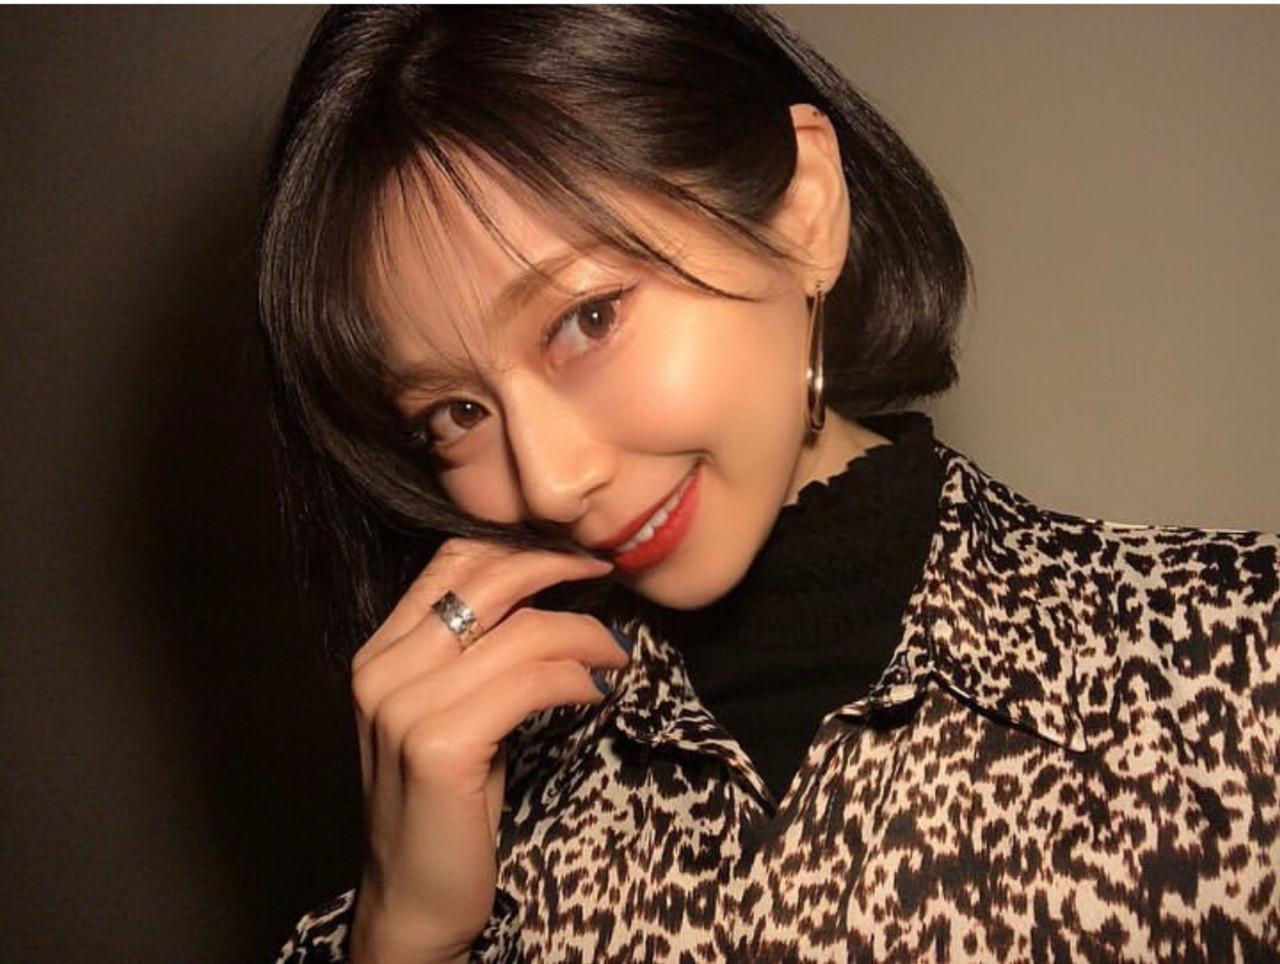 韓国風ヘアー 韓国 コリアンネイビー オルチャン ヘアスタイルや髪型の写真・画像